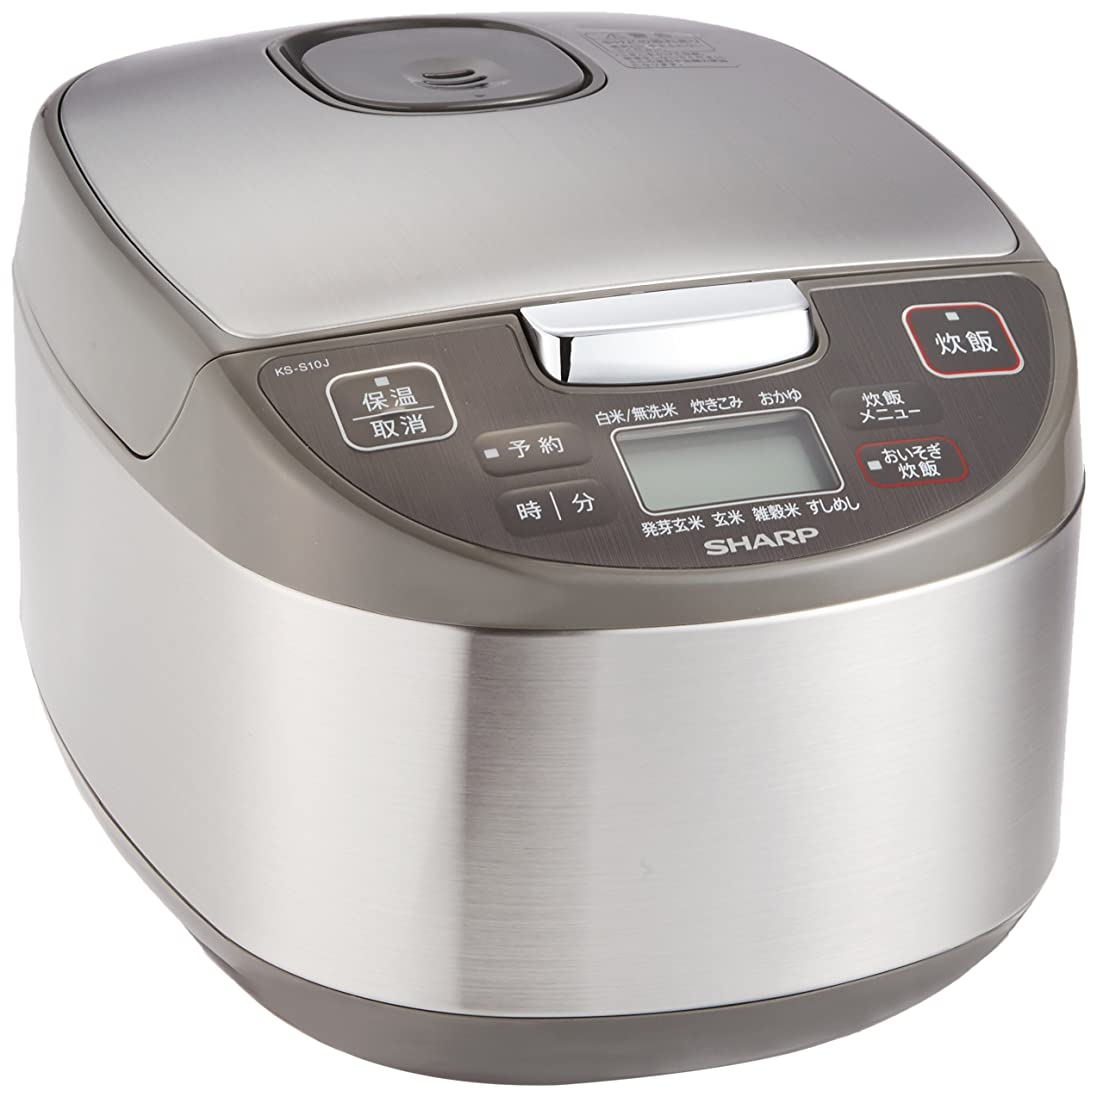 サイトライン蒸発するアラートシャープ 炊飯器 マイコン方式 5.5合 黒厚釜 球面炊き シルバー KS-S10J-S